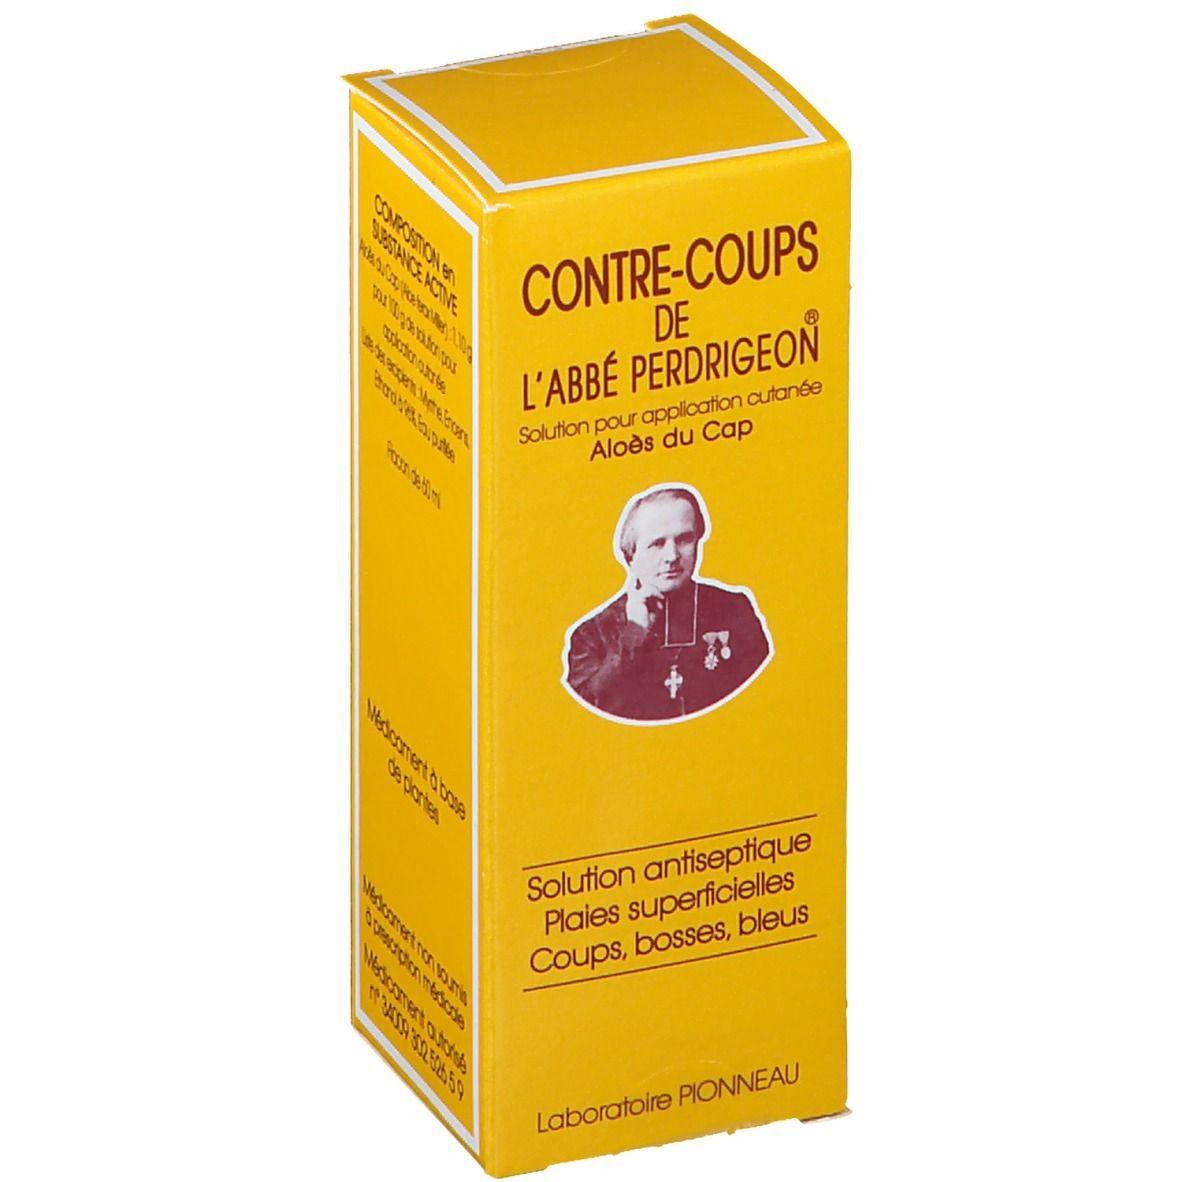 Contre-Coups DE L'abbé Perdrigeon® Contre-Coups Abbé Perdrigeon® ml solution(s)